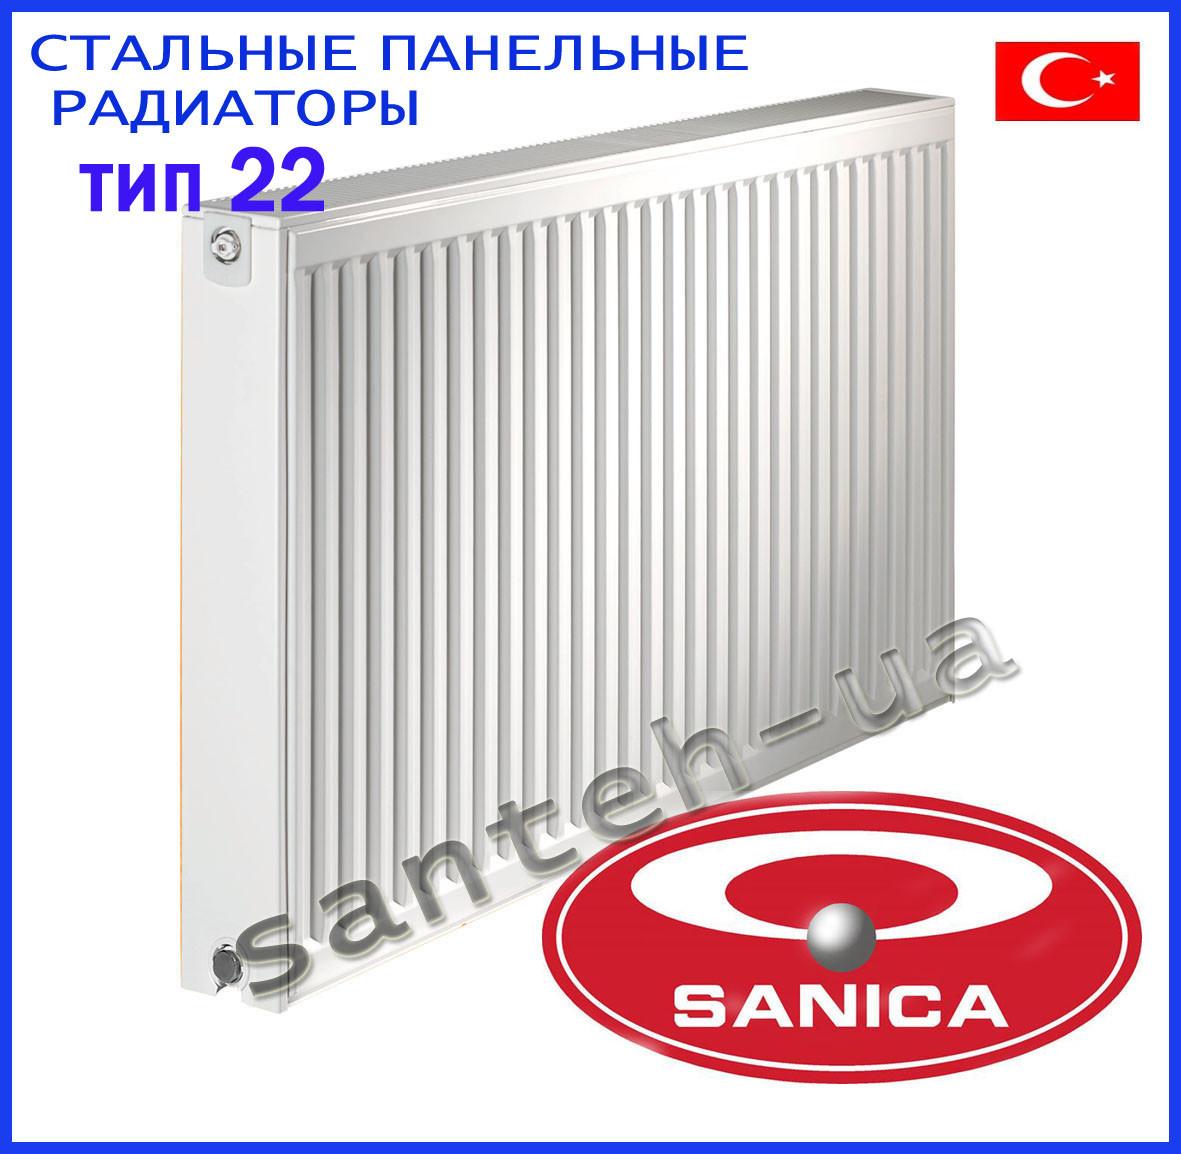 Сталеві панельні радіатори Sanica тип 22 300х1000